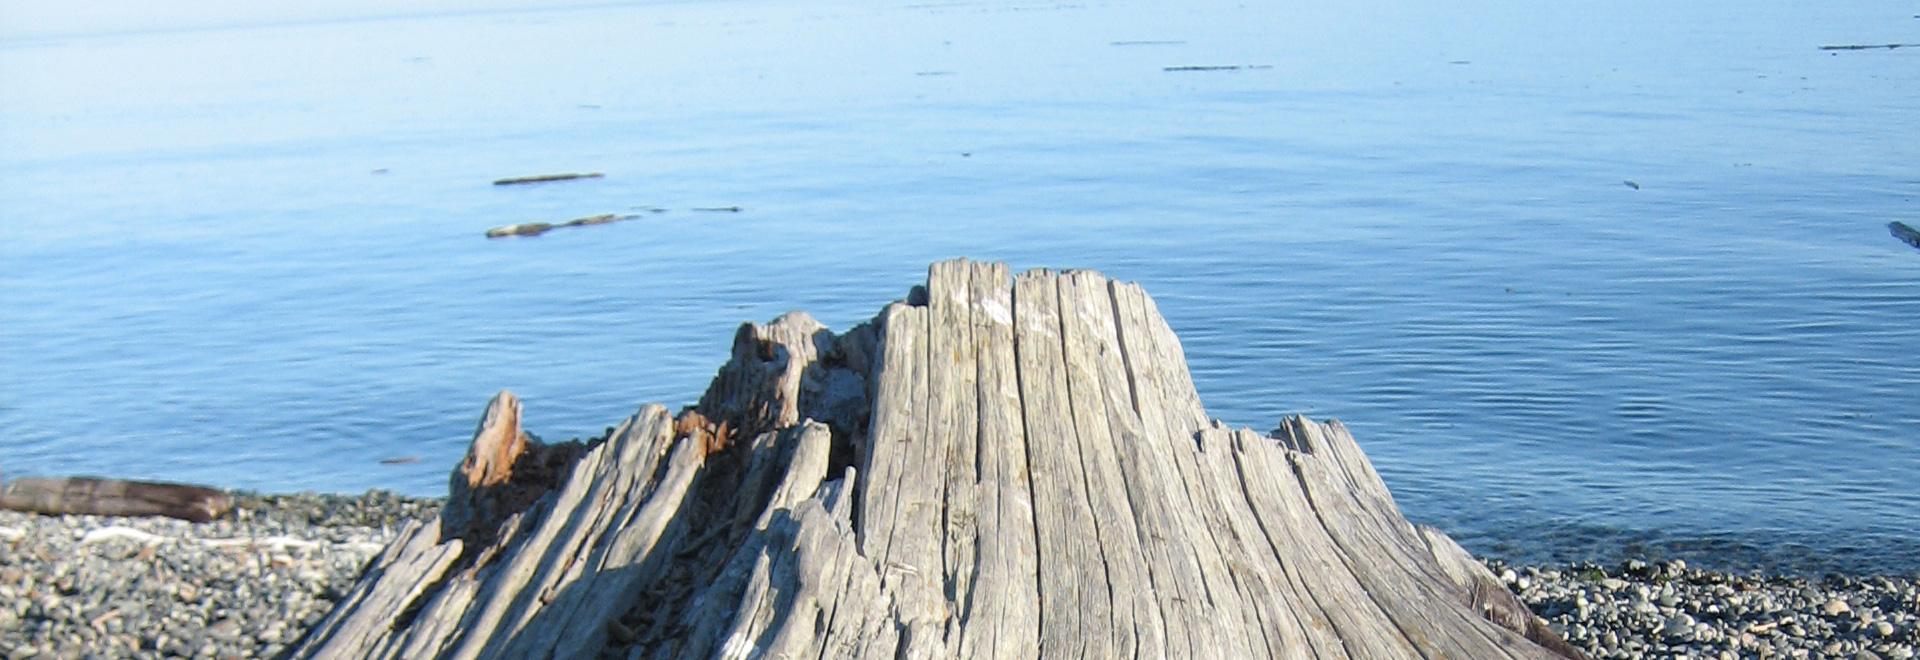 U.S. Tax Victoria - driftwood on the beach